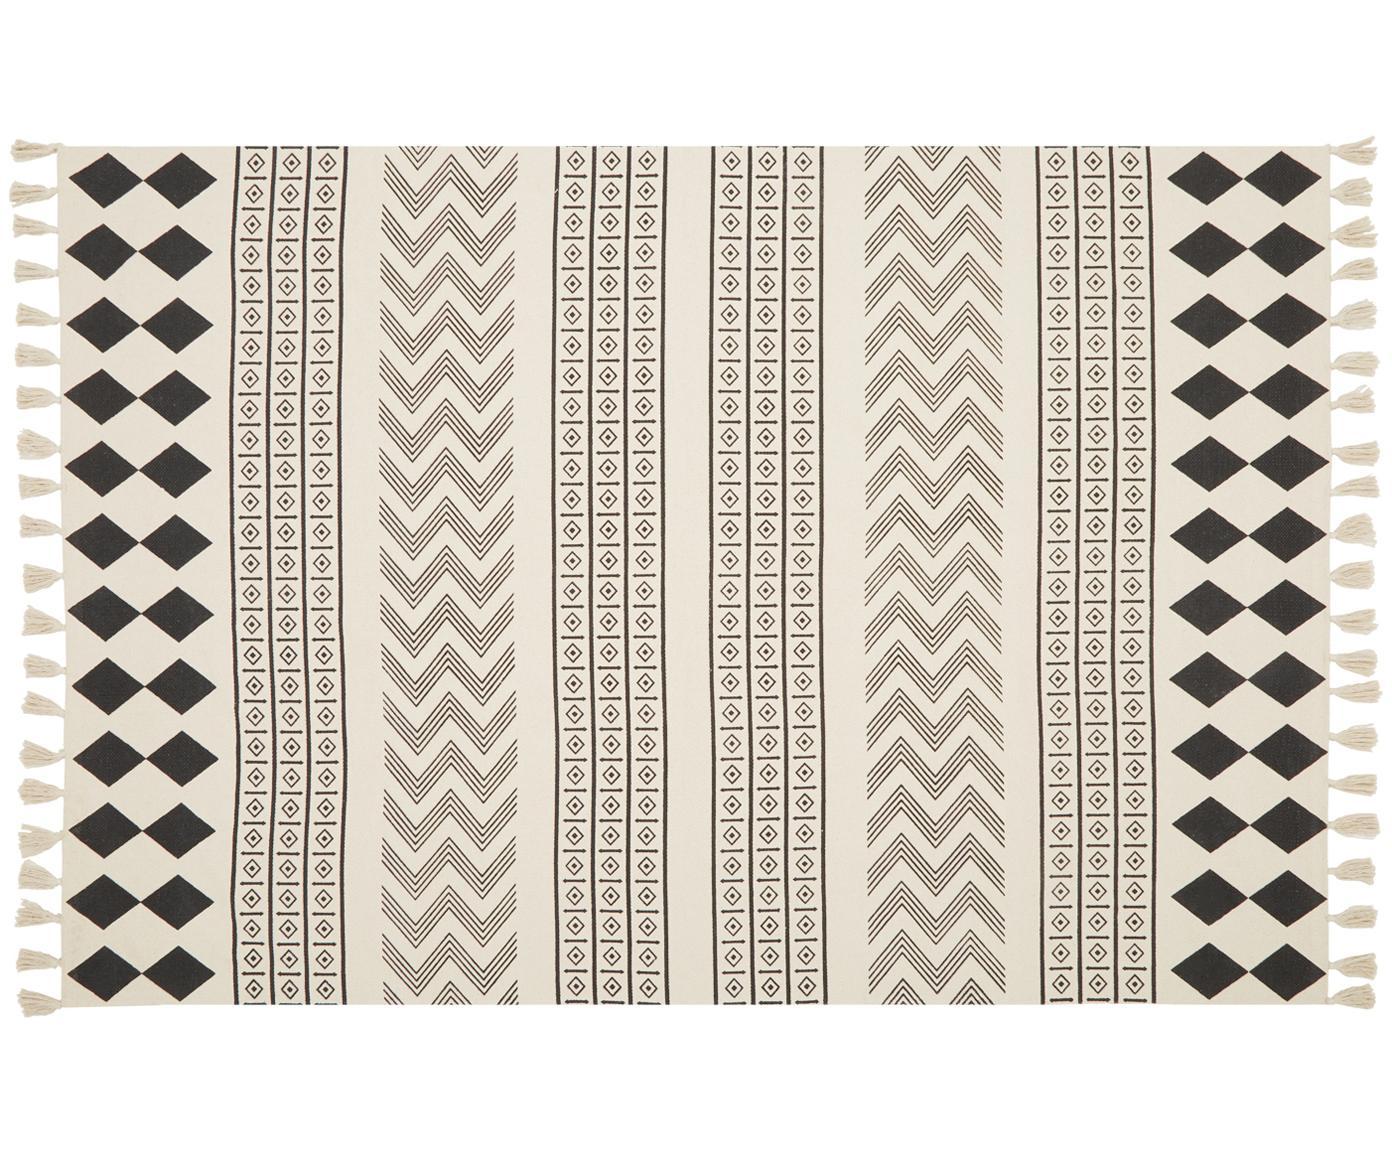 Handgewebter Baumwollteppich Edna im Ethno Style, 100% Baumwolle, Cremeweiss, Schwarz, B 60 x L 90 cm (Grösse XS)